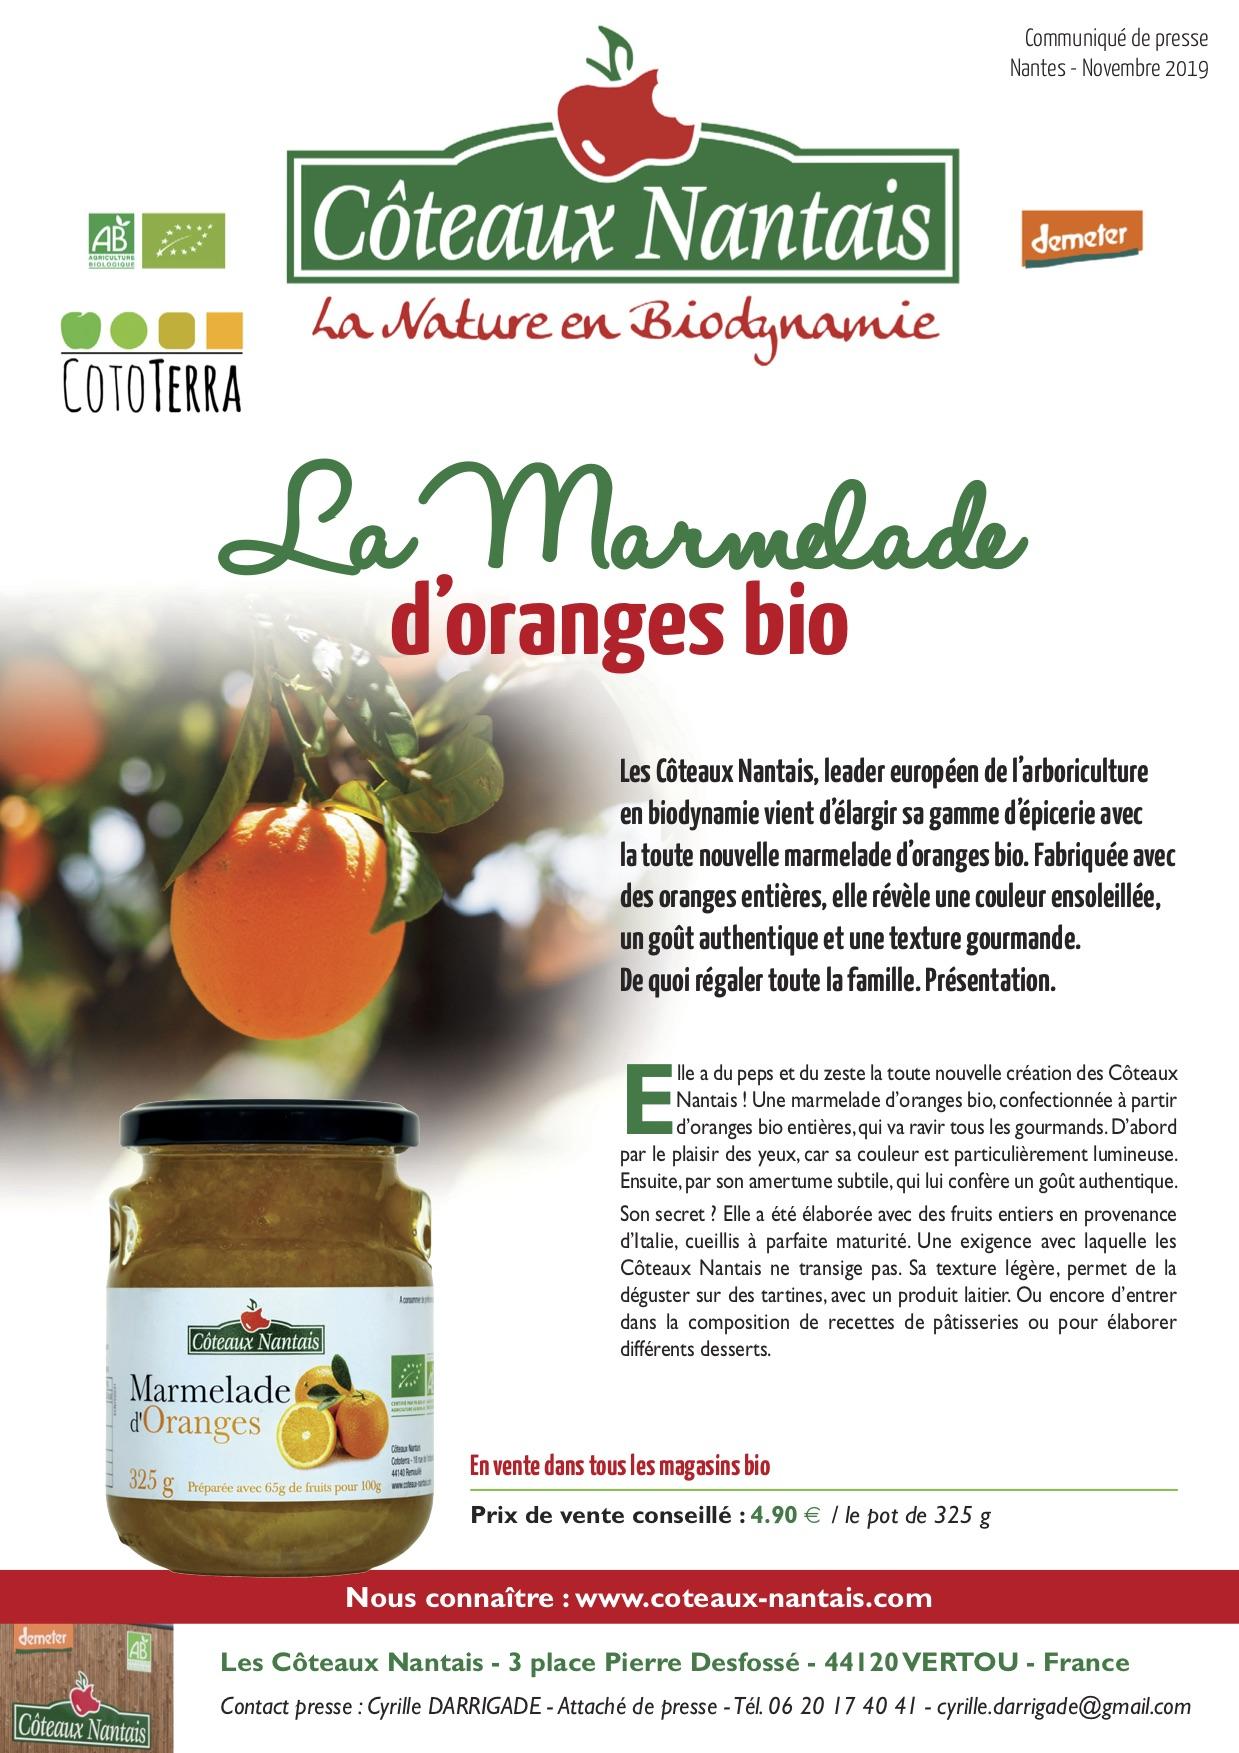 CP Coteaux Nantais